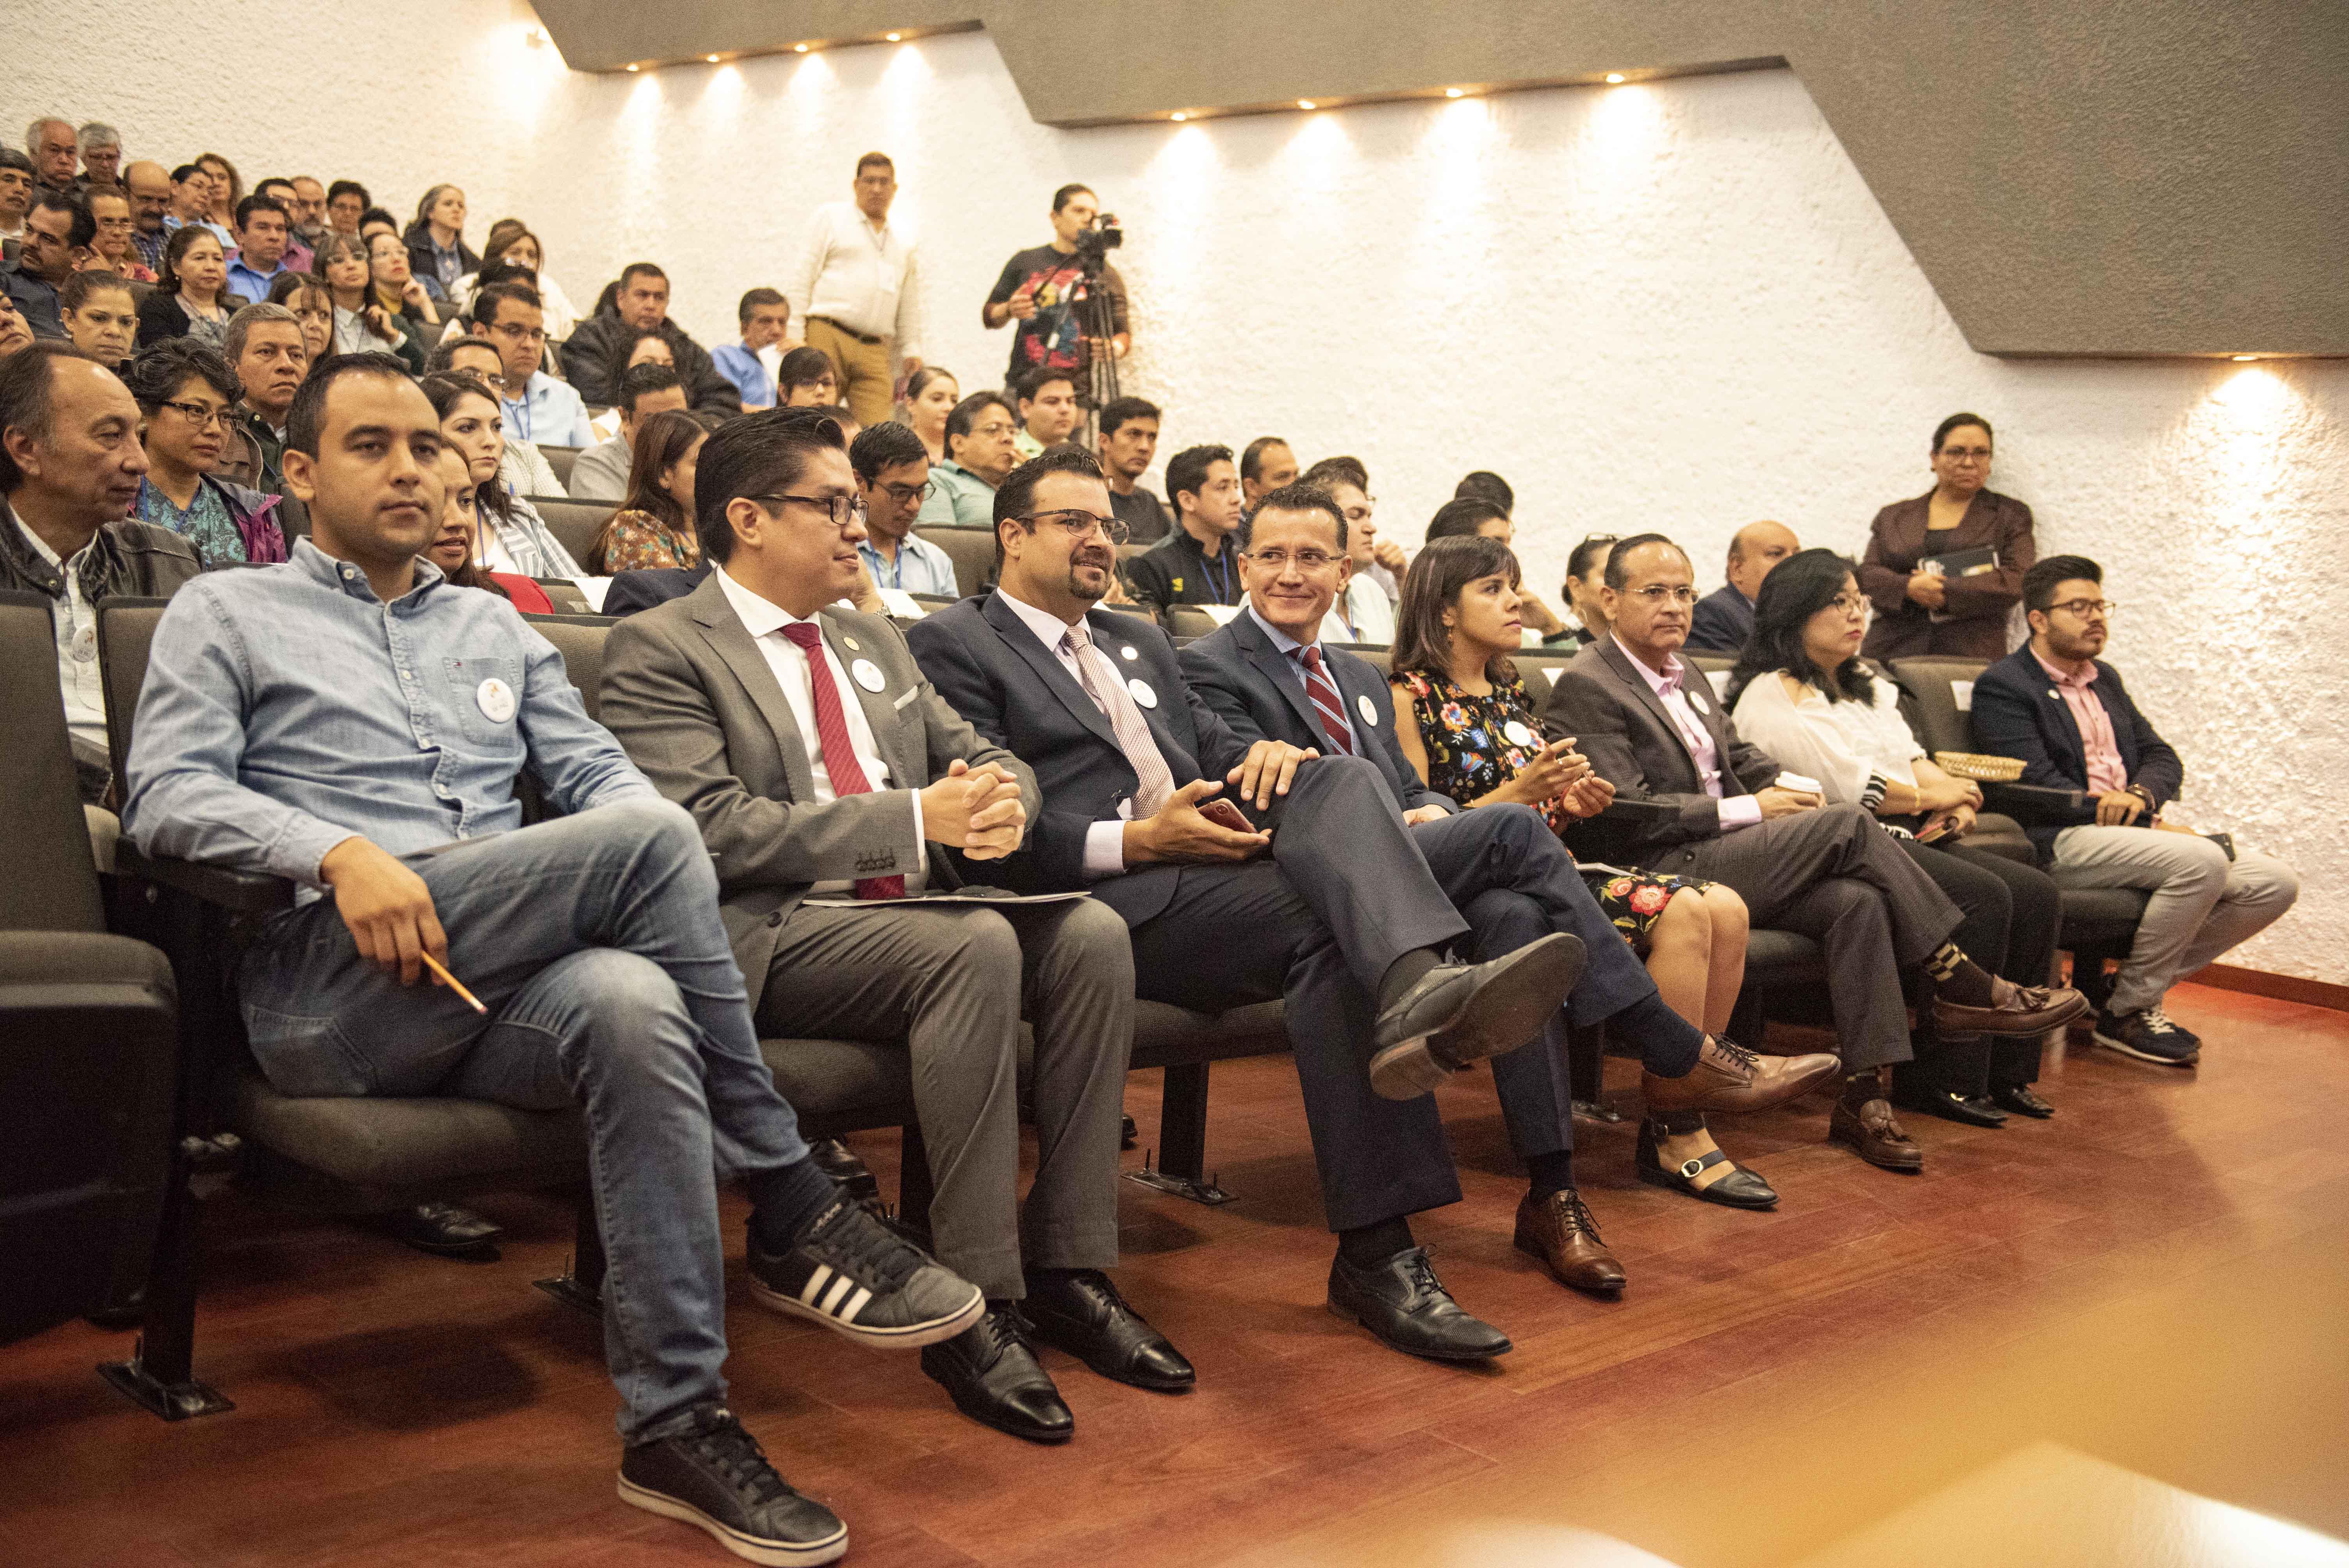 Fotografía general del auditorio que luce a lleno total